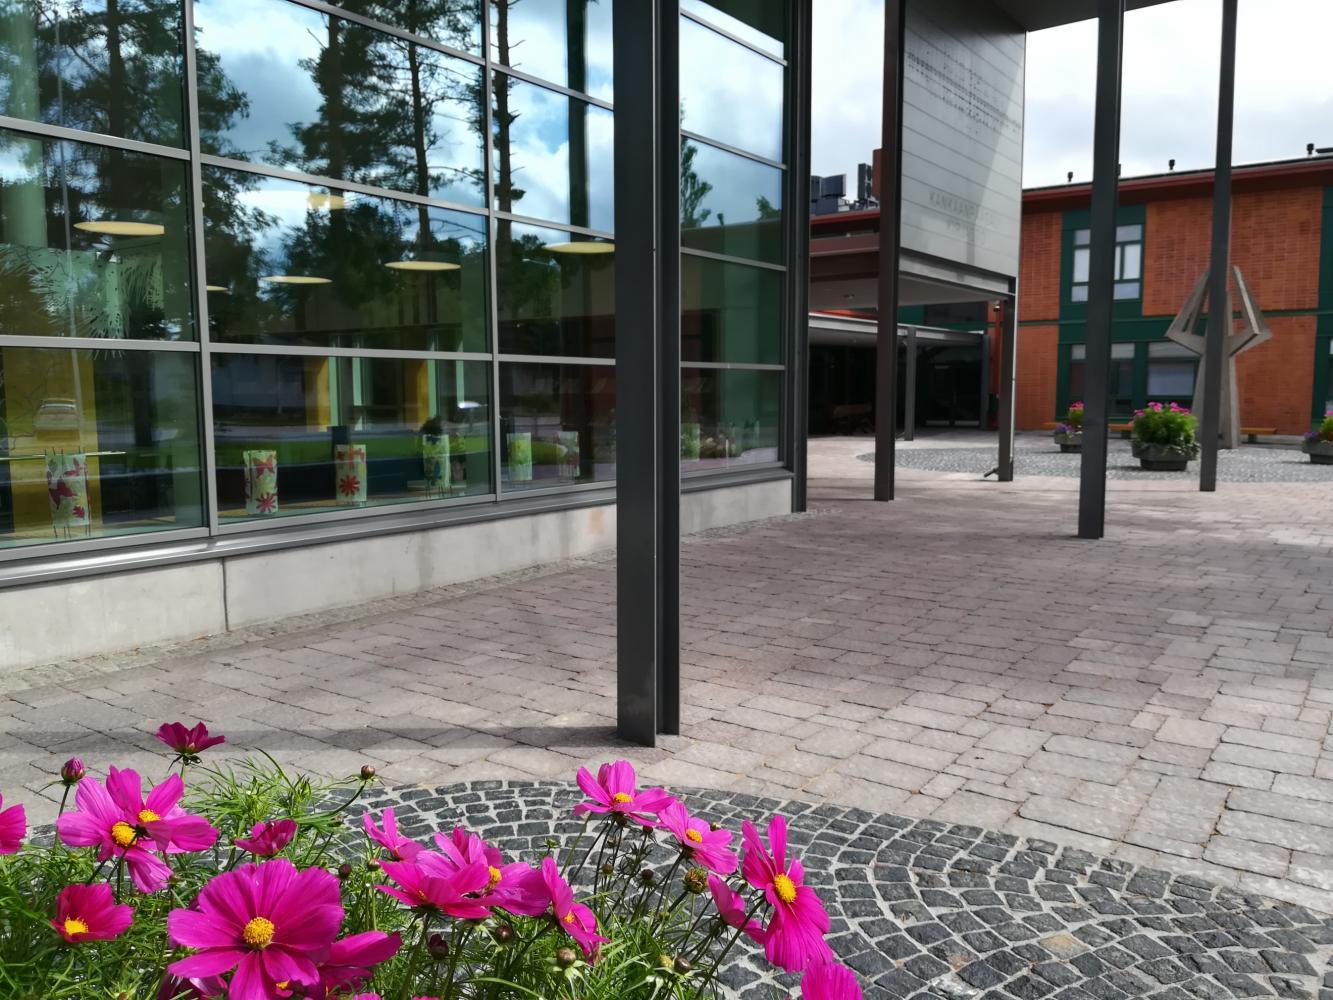 Kankaanpää town library